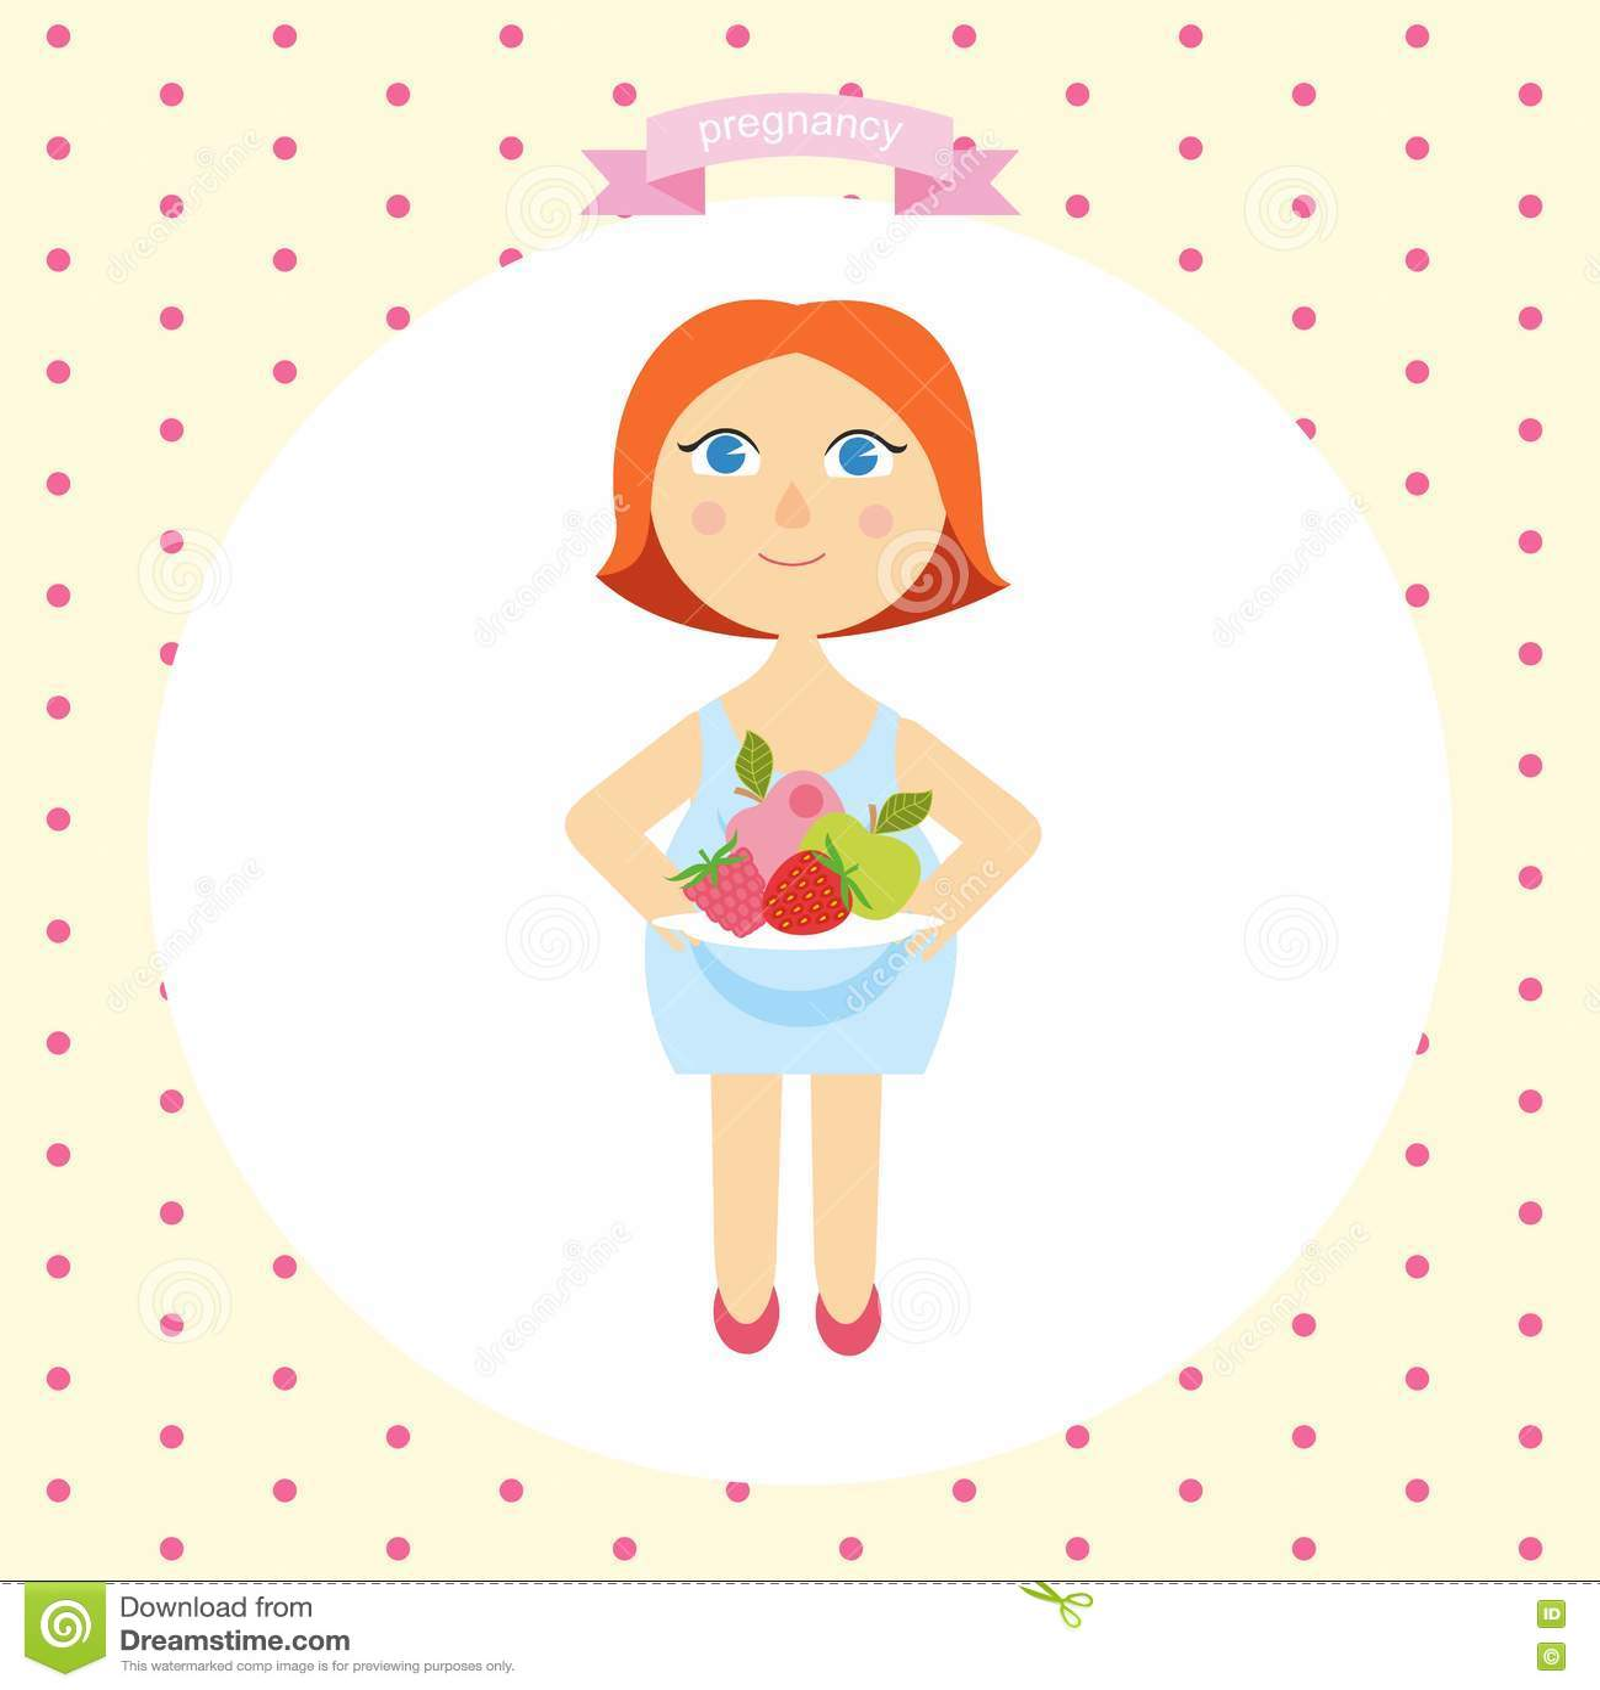 Иллюстрация шаржа беременной женщины с плитой свежих фруктов concept healthy lifestyle серия беременности